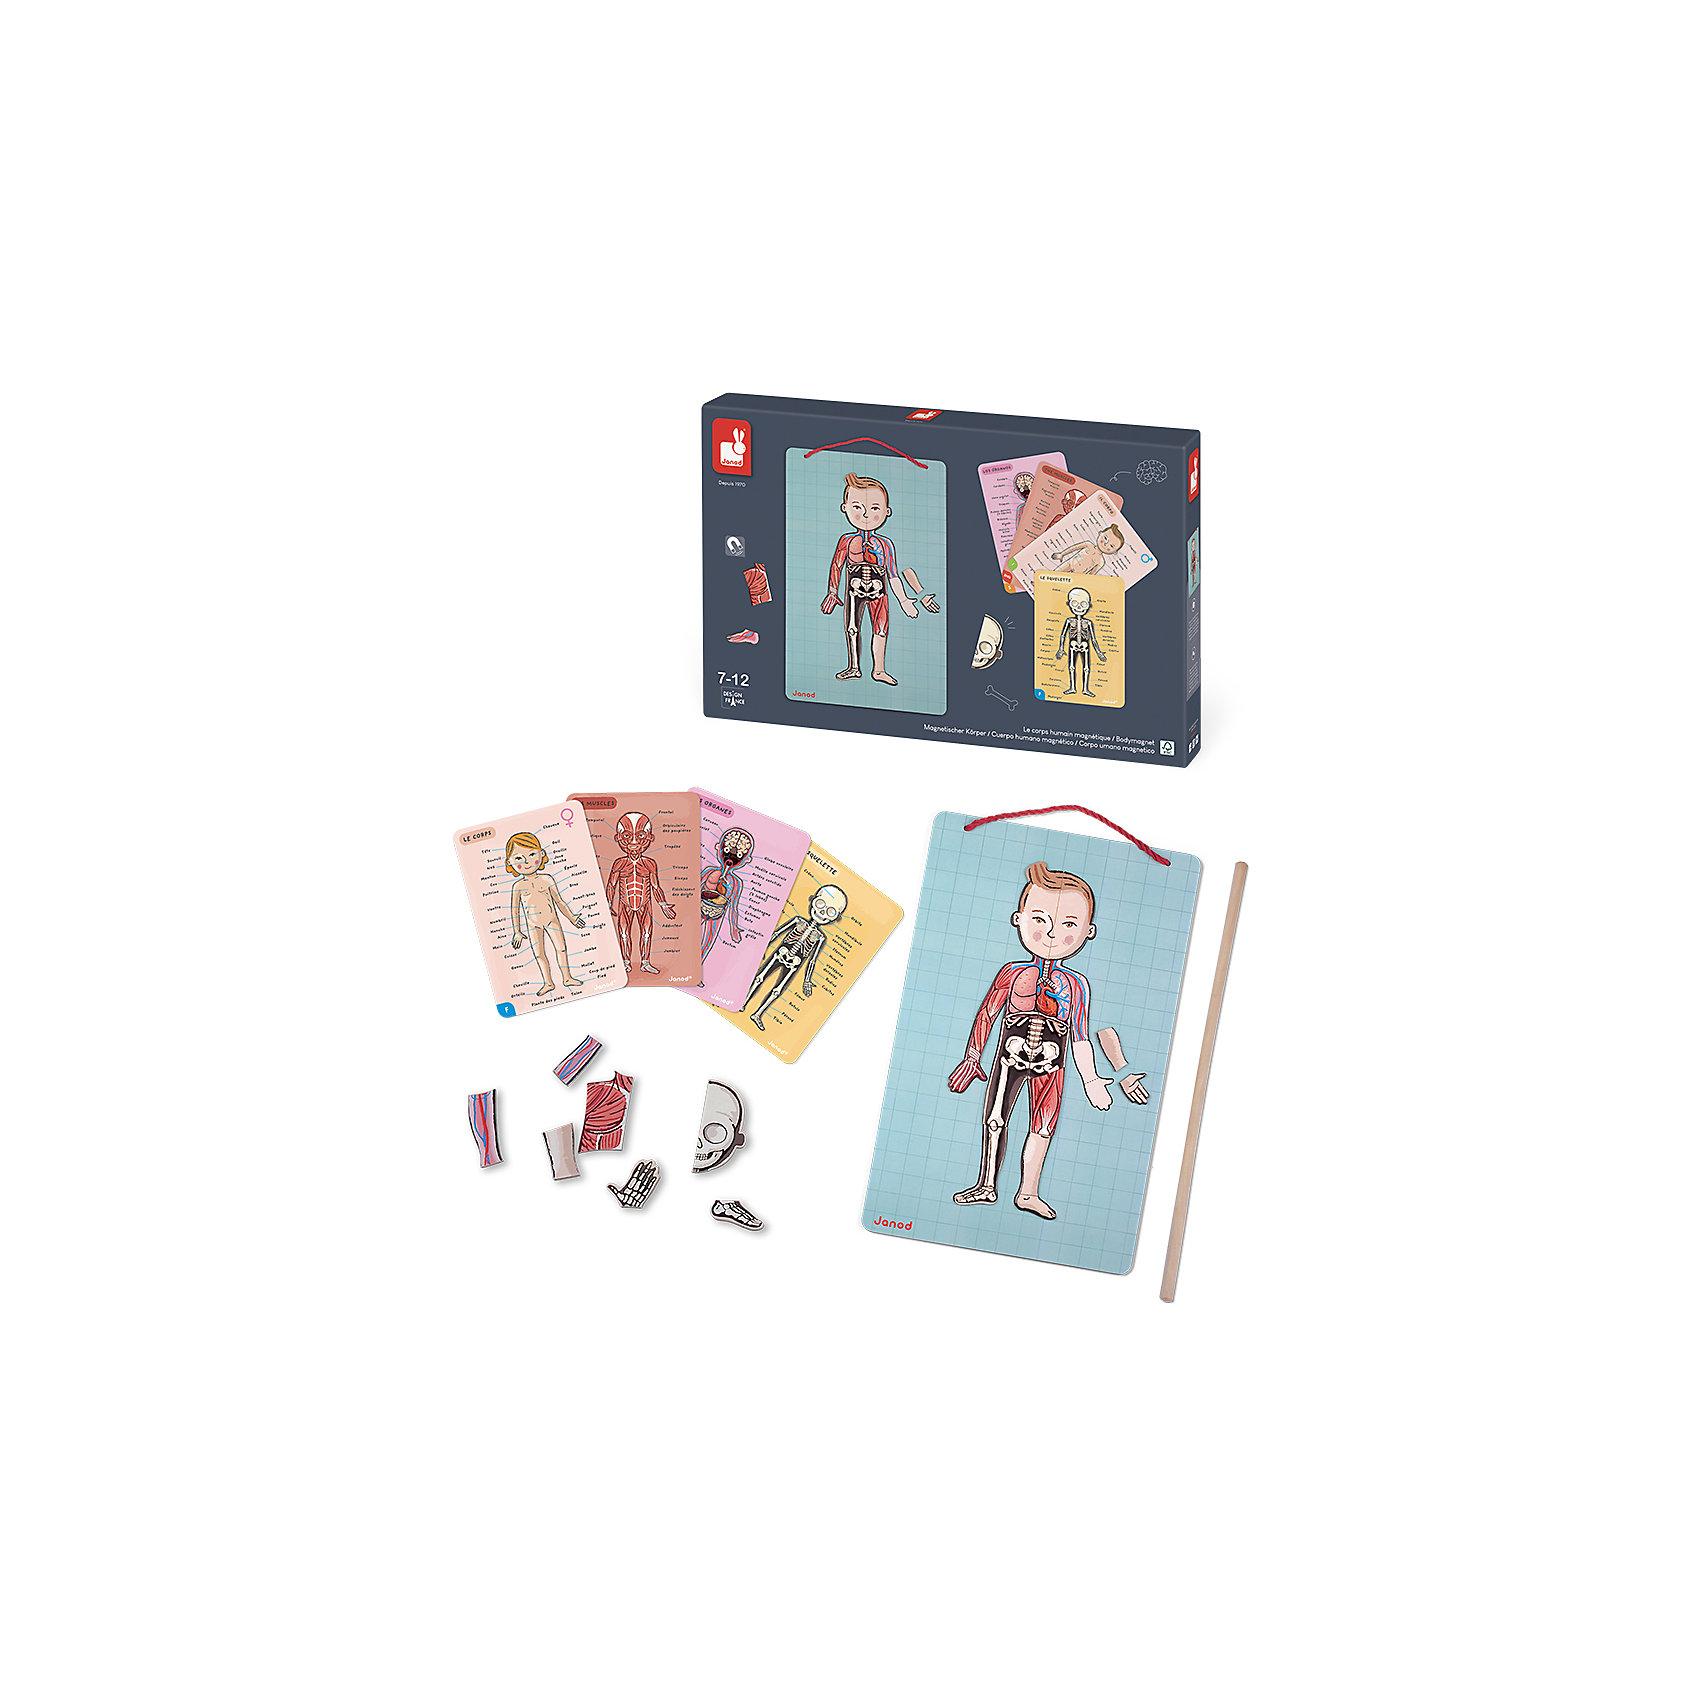 Карточки -магниты Части тела, JanodРазвивающие игры<br>Магнитные фигурки - отличный способ развивать творческие способности ребенка в игровой форме. Эта игра очень удобна - ее можно брать с собой в дорогу, благодаря продуманной форме хранится она очень компактно. Она развивает также мелкую моторику, художественный вкус, воображение, логическое мышление, цветовосприятие. Такая игра надолго занимает детей и помогает увлекательно провести время!<br>Игра из магнитных деталей Части тела сделана в виде карточек, а также содержатся магнитов разных форм и цветов, изображающих внутренние органы и части тела. Игра разработана опытными специалистами, сделана из высококачественных материалов, безопасных для детей.<br><br>Дополнительная информация:<br><br>материал: картон;<br>размер: 43 х 5 х 28 см;<br>комплектация: указка, магнитная доска с фигурой человека, 76 магнитов , 4 карточки на русском языке с подробным описанием строения человеческого тела .<br><br>Карточки -магниты Части тела от компании Janod можно купить в нашем магазине.<br><br>Ширина мм: 430<br>Глубина мм: 280<br>Высота мм: 50<br>Вес г: 1890<br>Возраст от месяцев: 84<br>Возраст до месяцев: 144<br>Пол: Унисекс<br>Возраст: Детский<br>SKU: 3219333